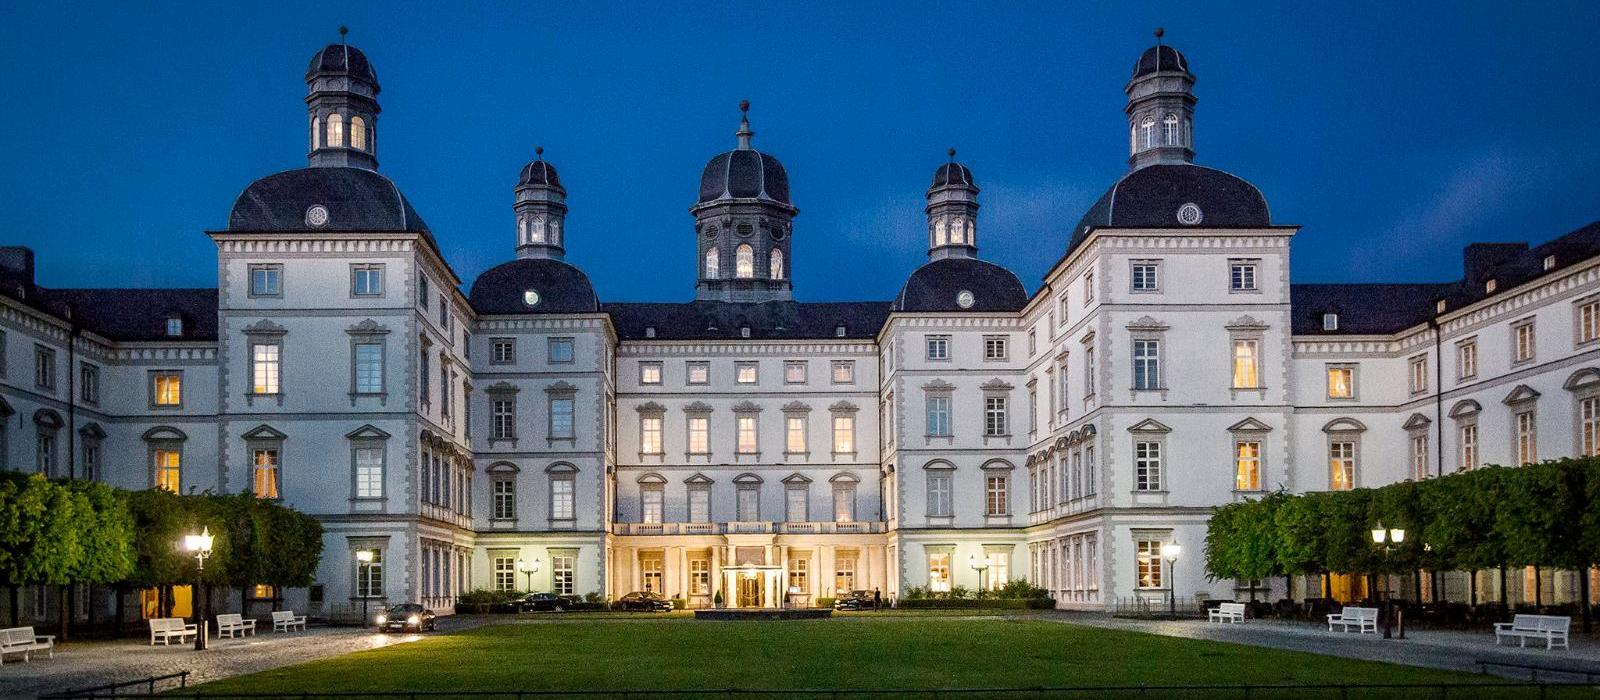 阿尔霍夫本斯贝格城堡酒店(Althoff Grandhotel Schloss Bensberg) 图片  www.lhw.cn